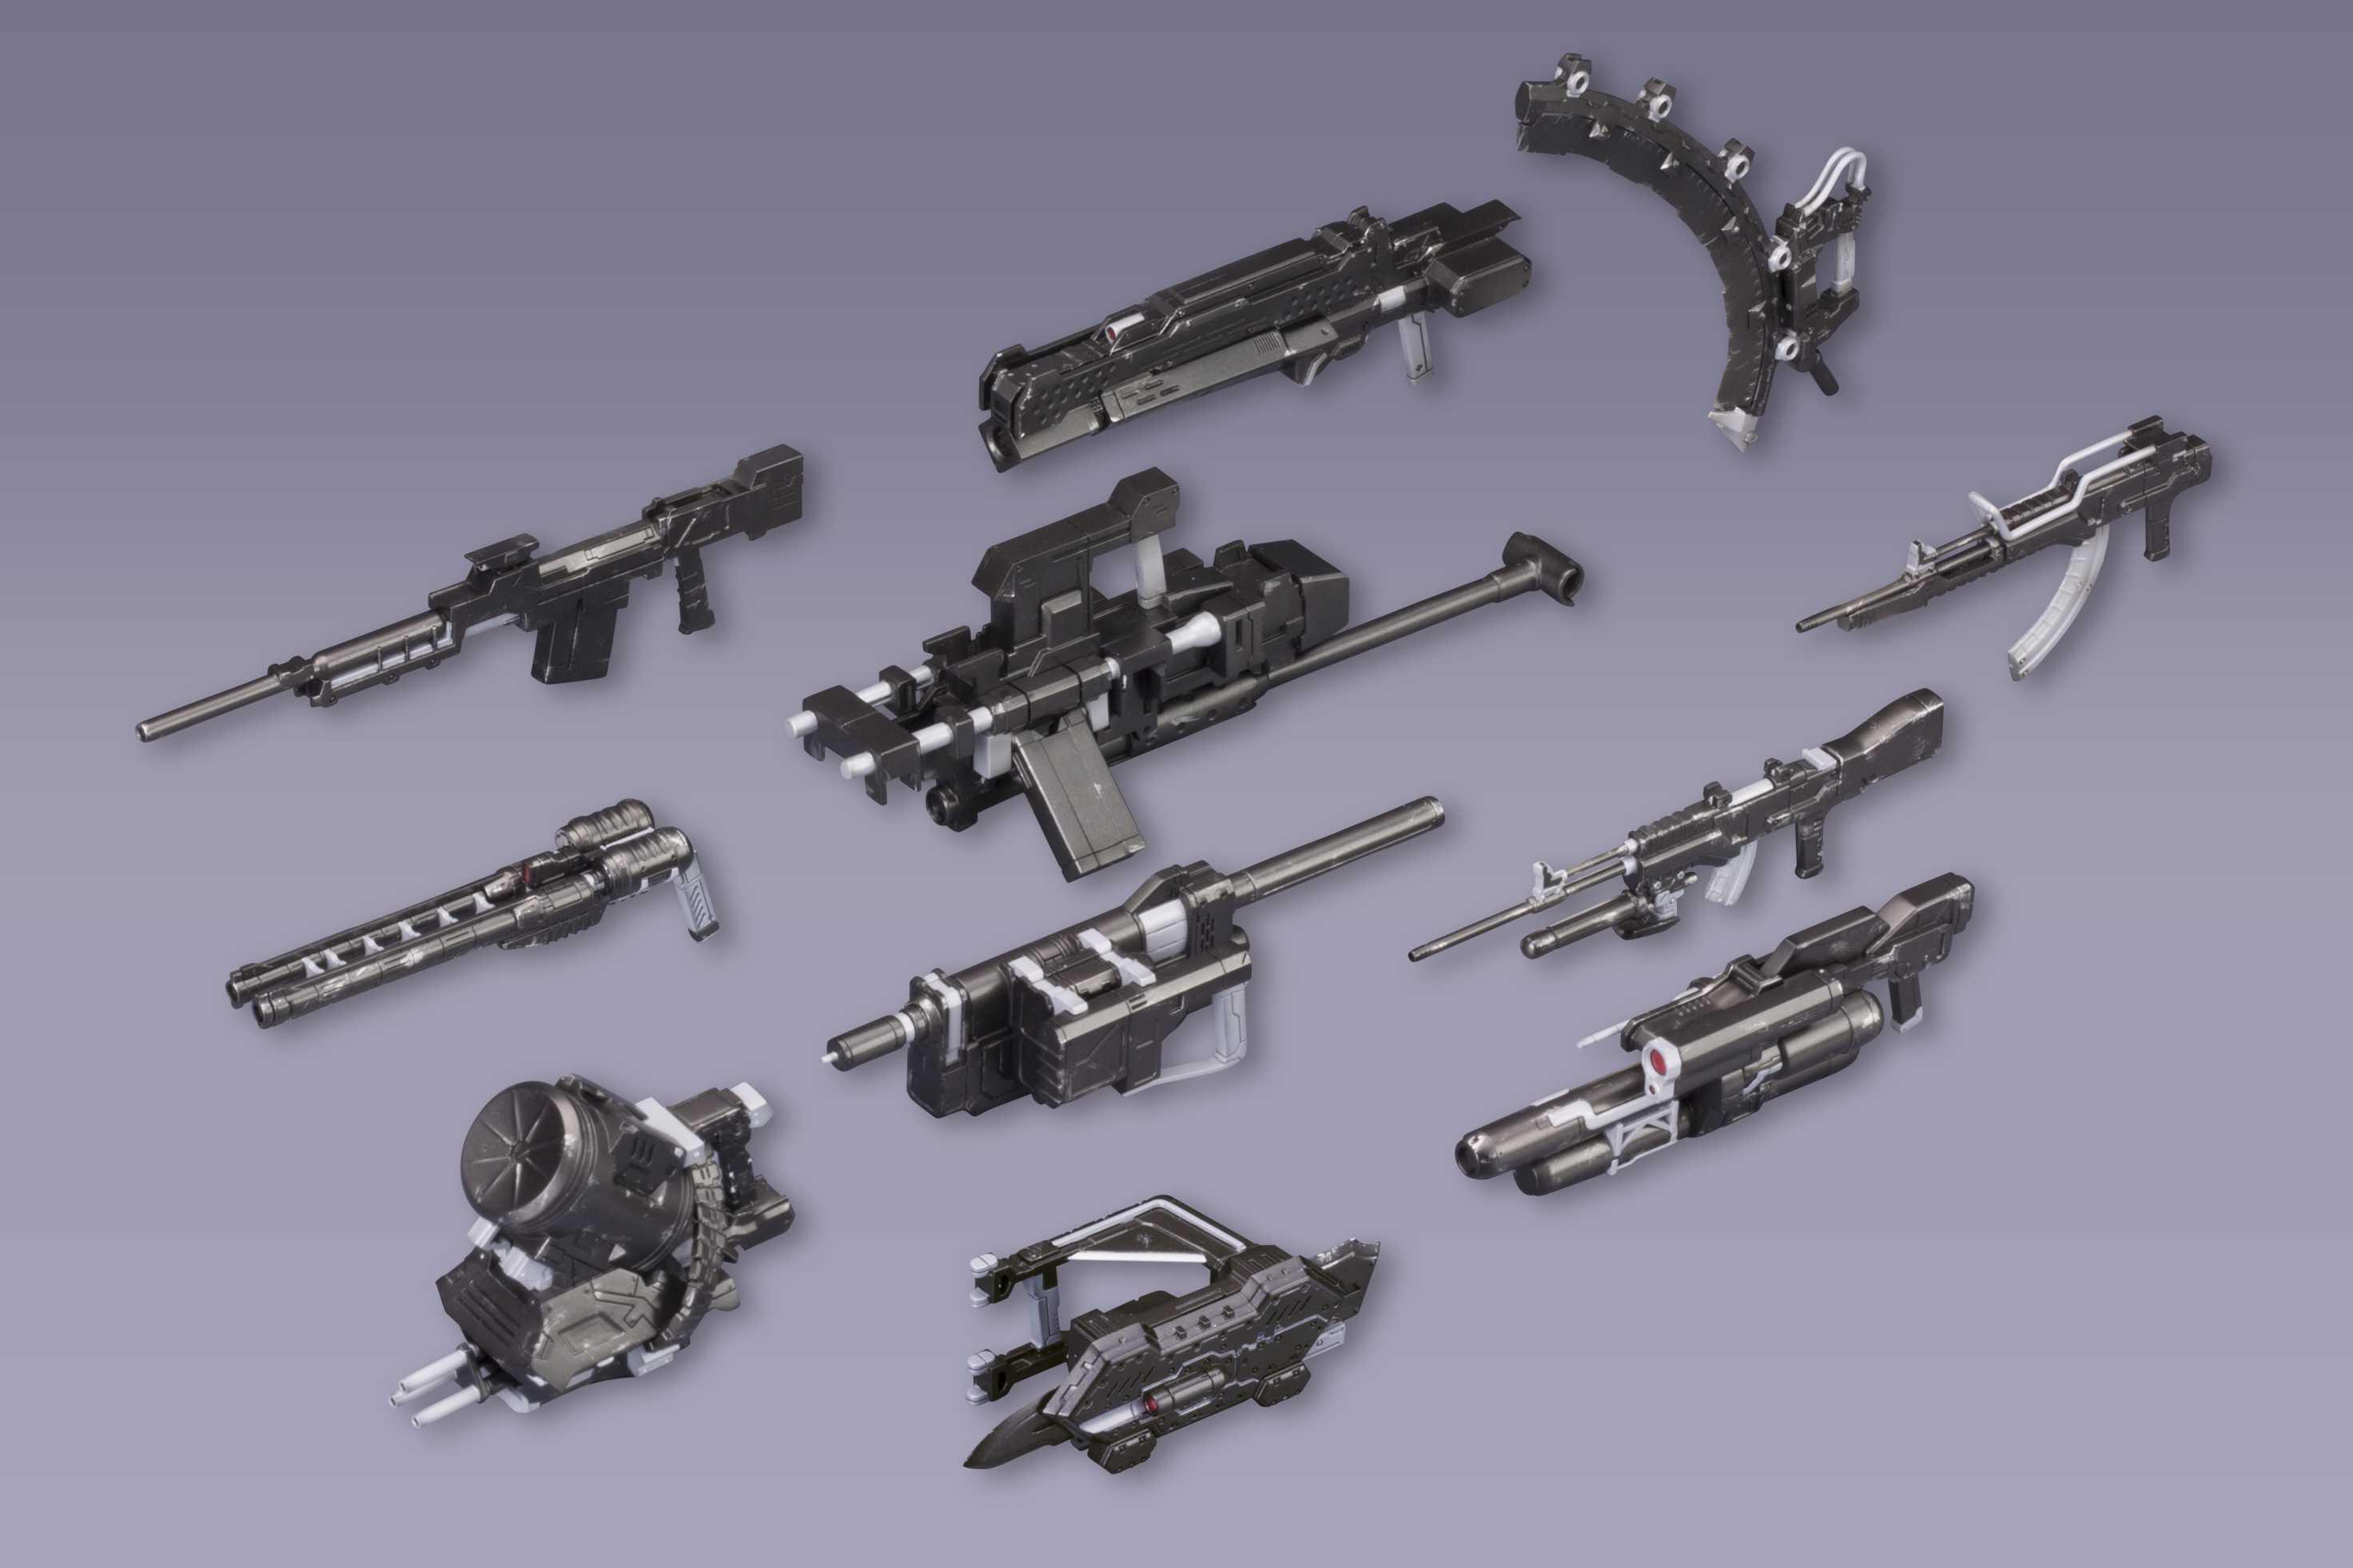 〈アーマード・コアV ヴァリアブル・インフィニティ〉シリーズ対応の武器パーツセット登場 「ACV V.I. ウェポンセット」2015年4月発売